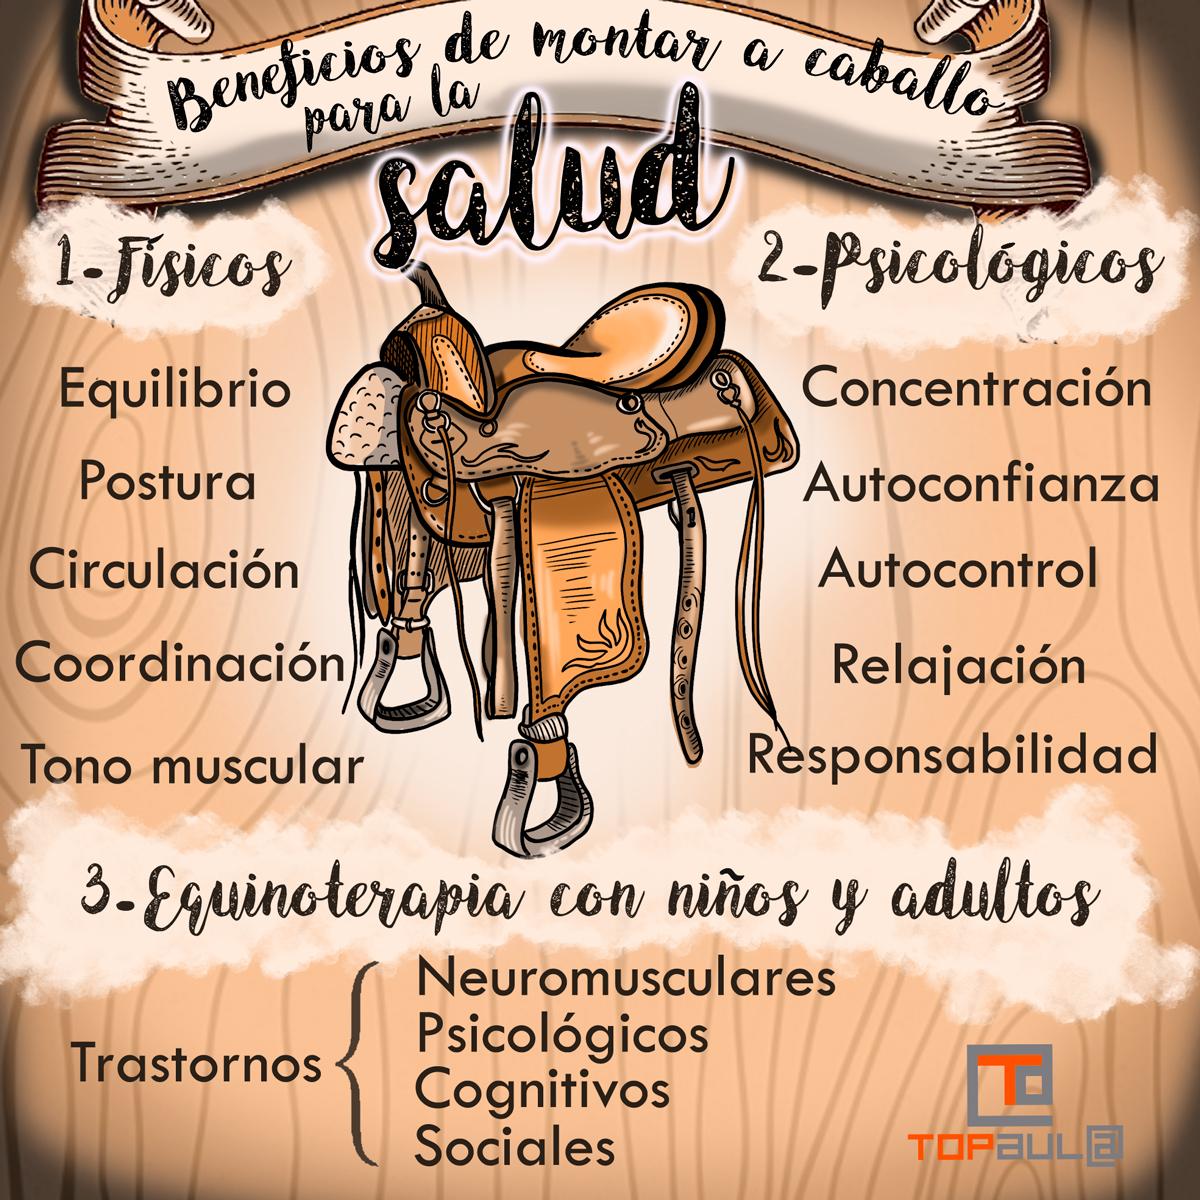 Infografía Beneficios de montar a caballo para la salud - www.topaulasalud.com